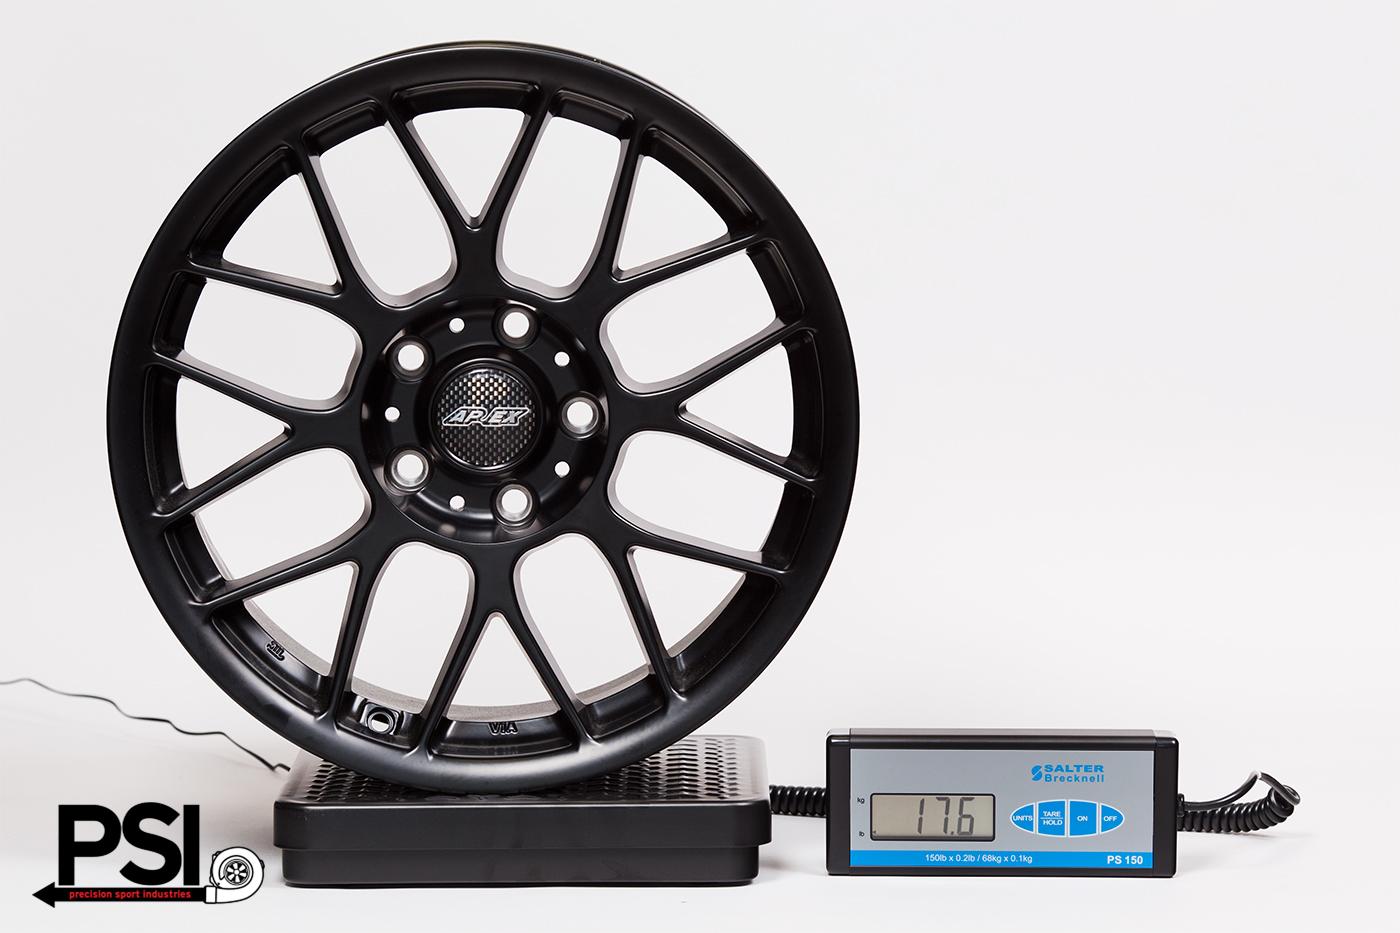 E46 m3 stock rim weight